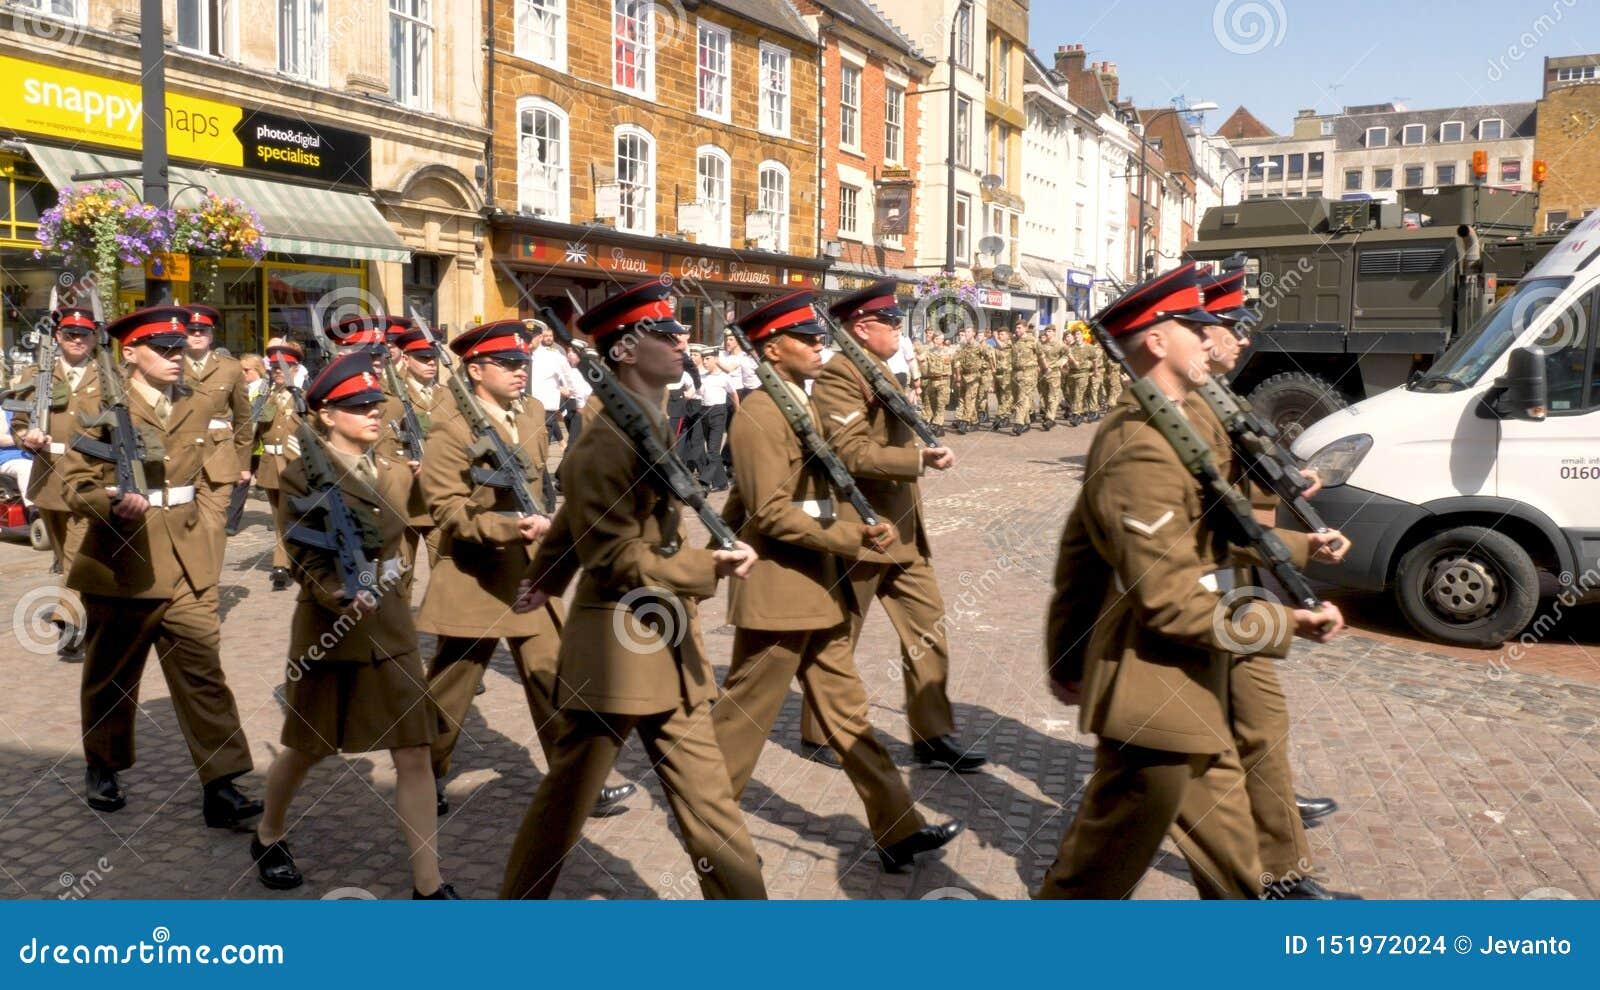 Northampton R-U : Le 29 juin 2019 - troupes de défilé de jour de forces armées marchant sur la place du marché